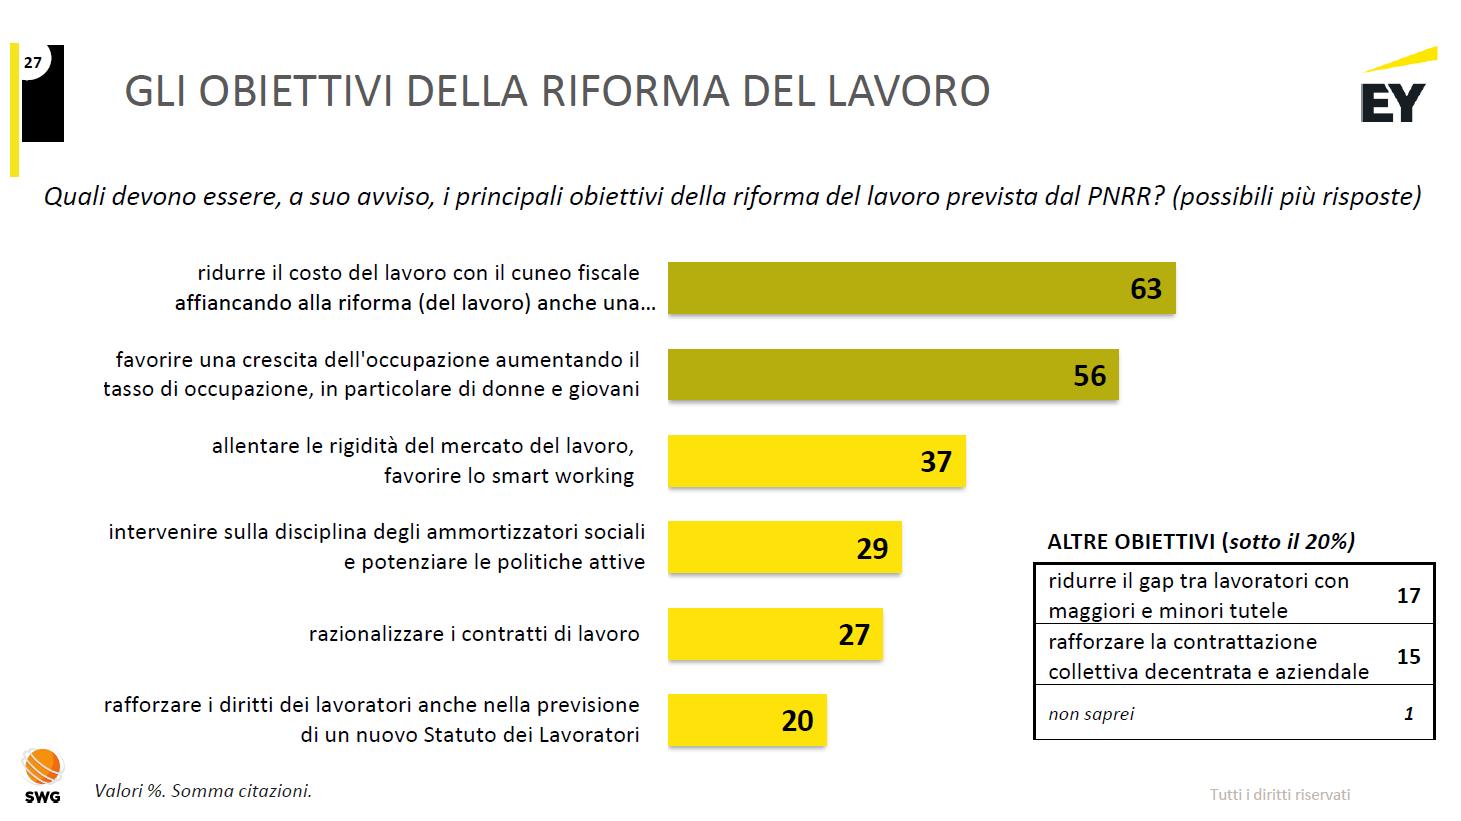 Pnrr - Gli obiettivi della riforma del lavoro - Fonte: Report Riforma Italia 2021 - EY Luiss Business School